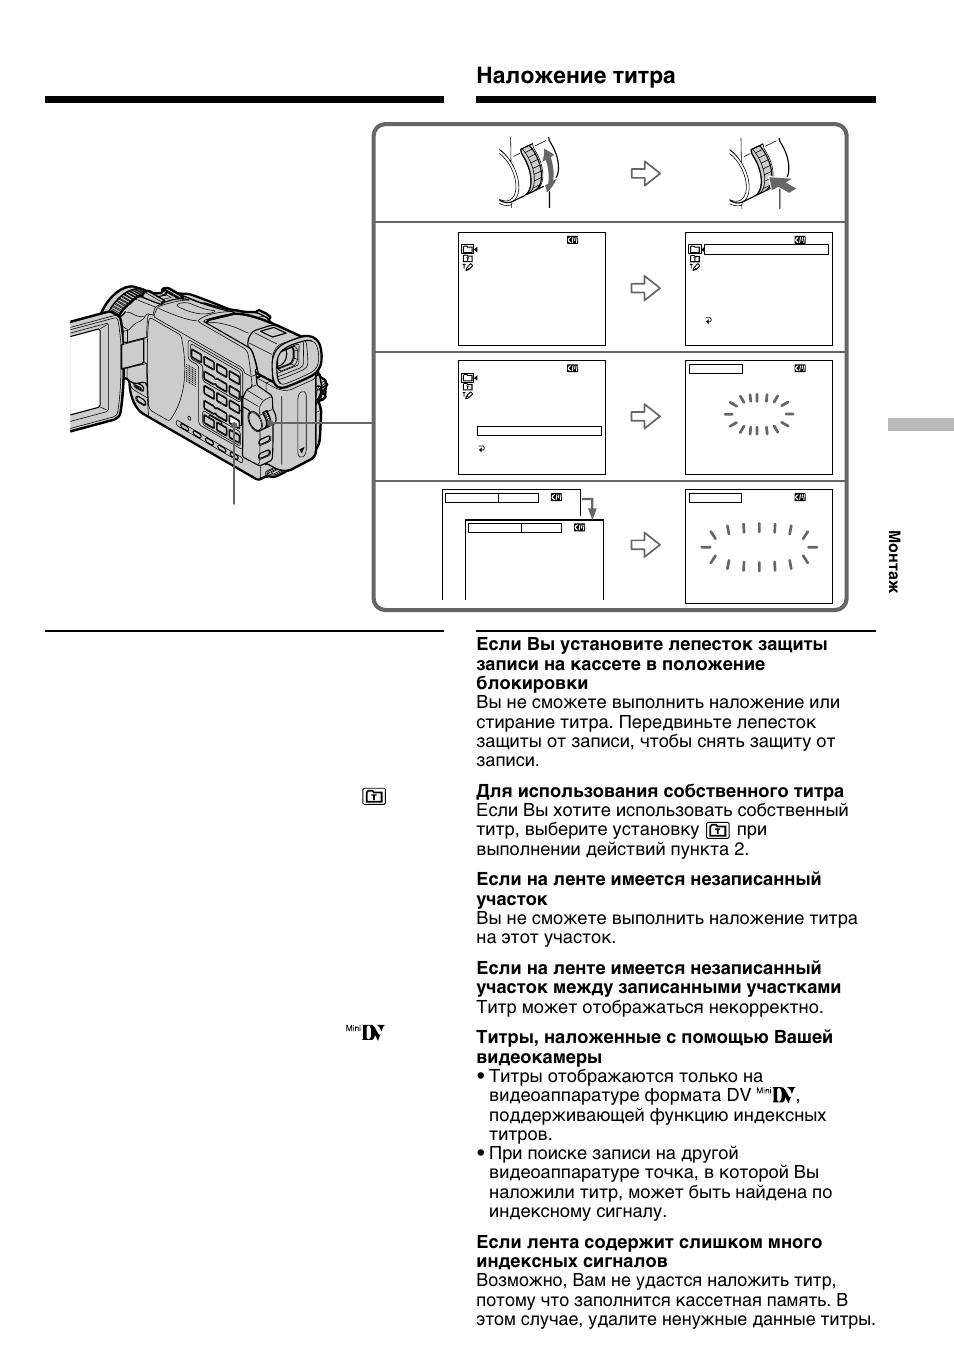 Инструкция по использованию видеокамеры dcr trv18e